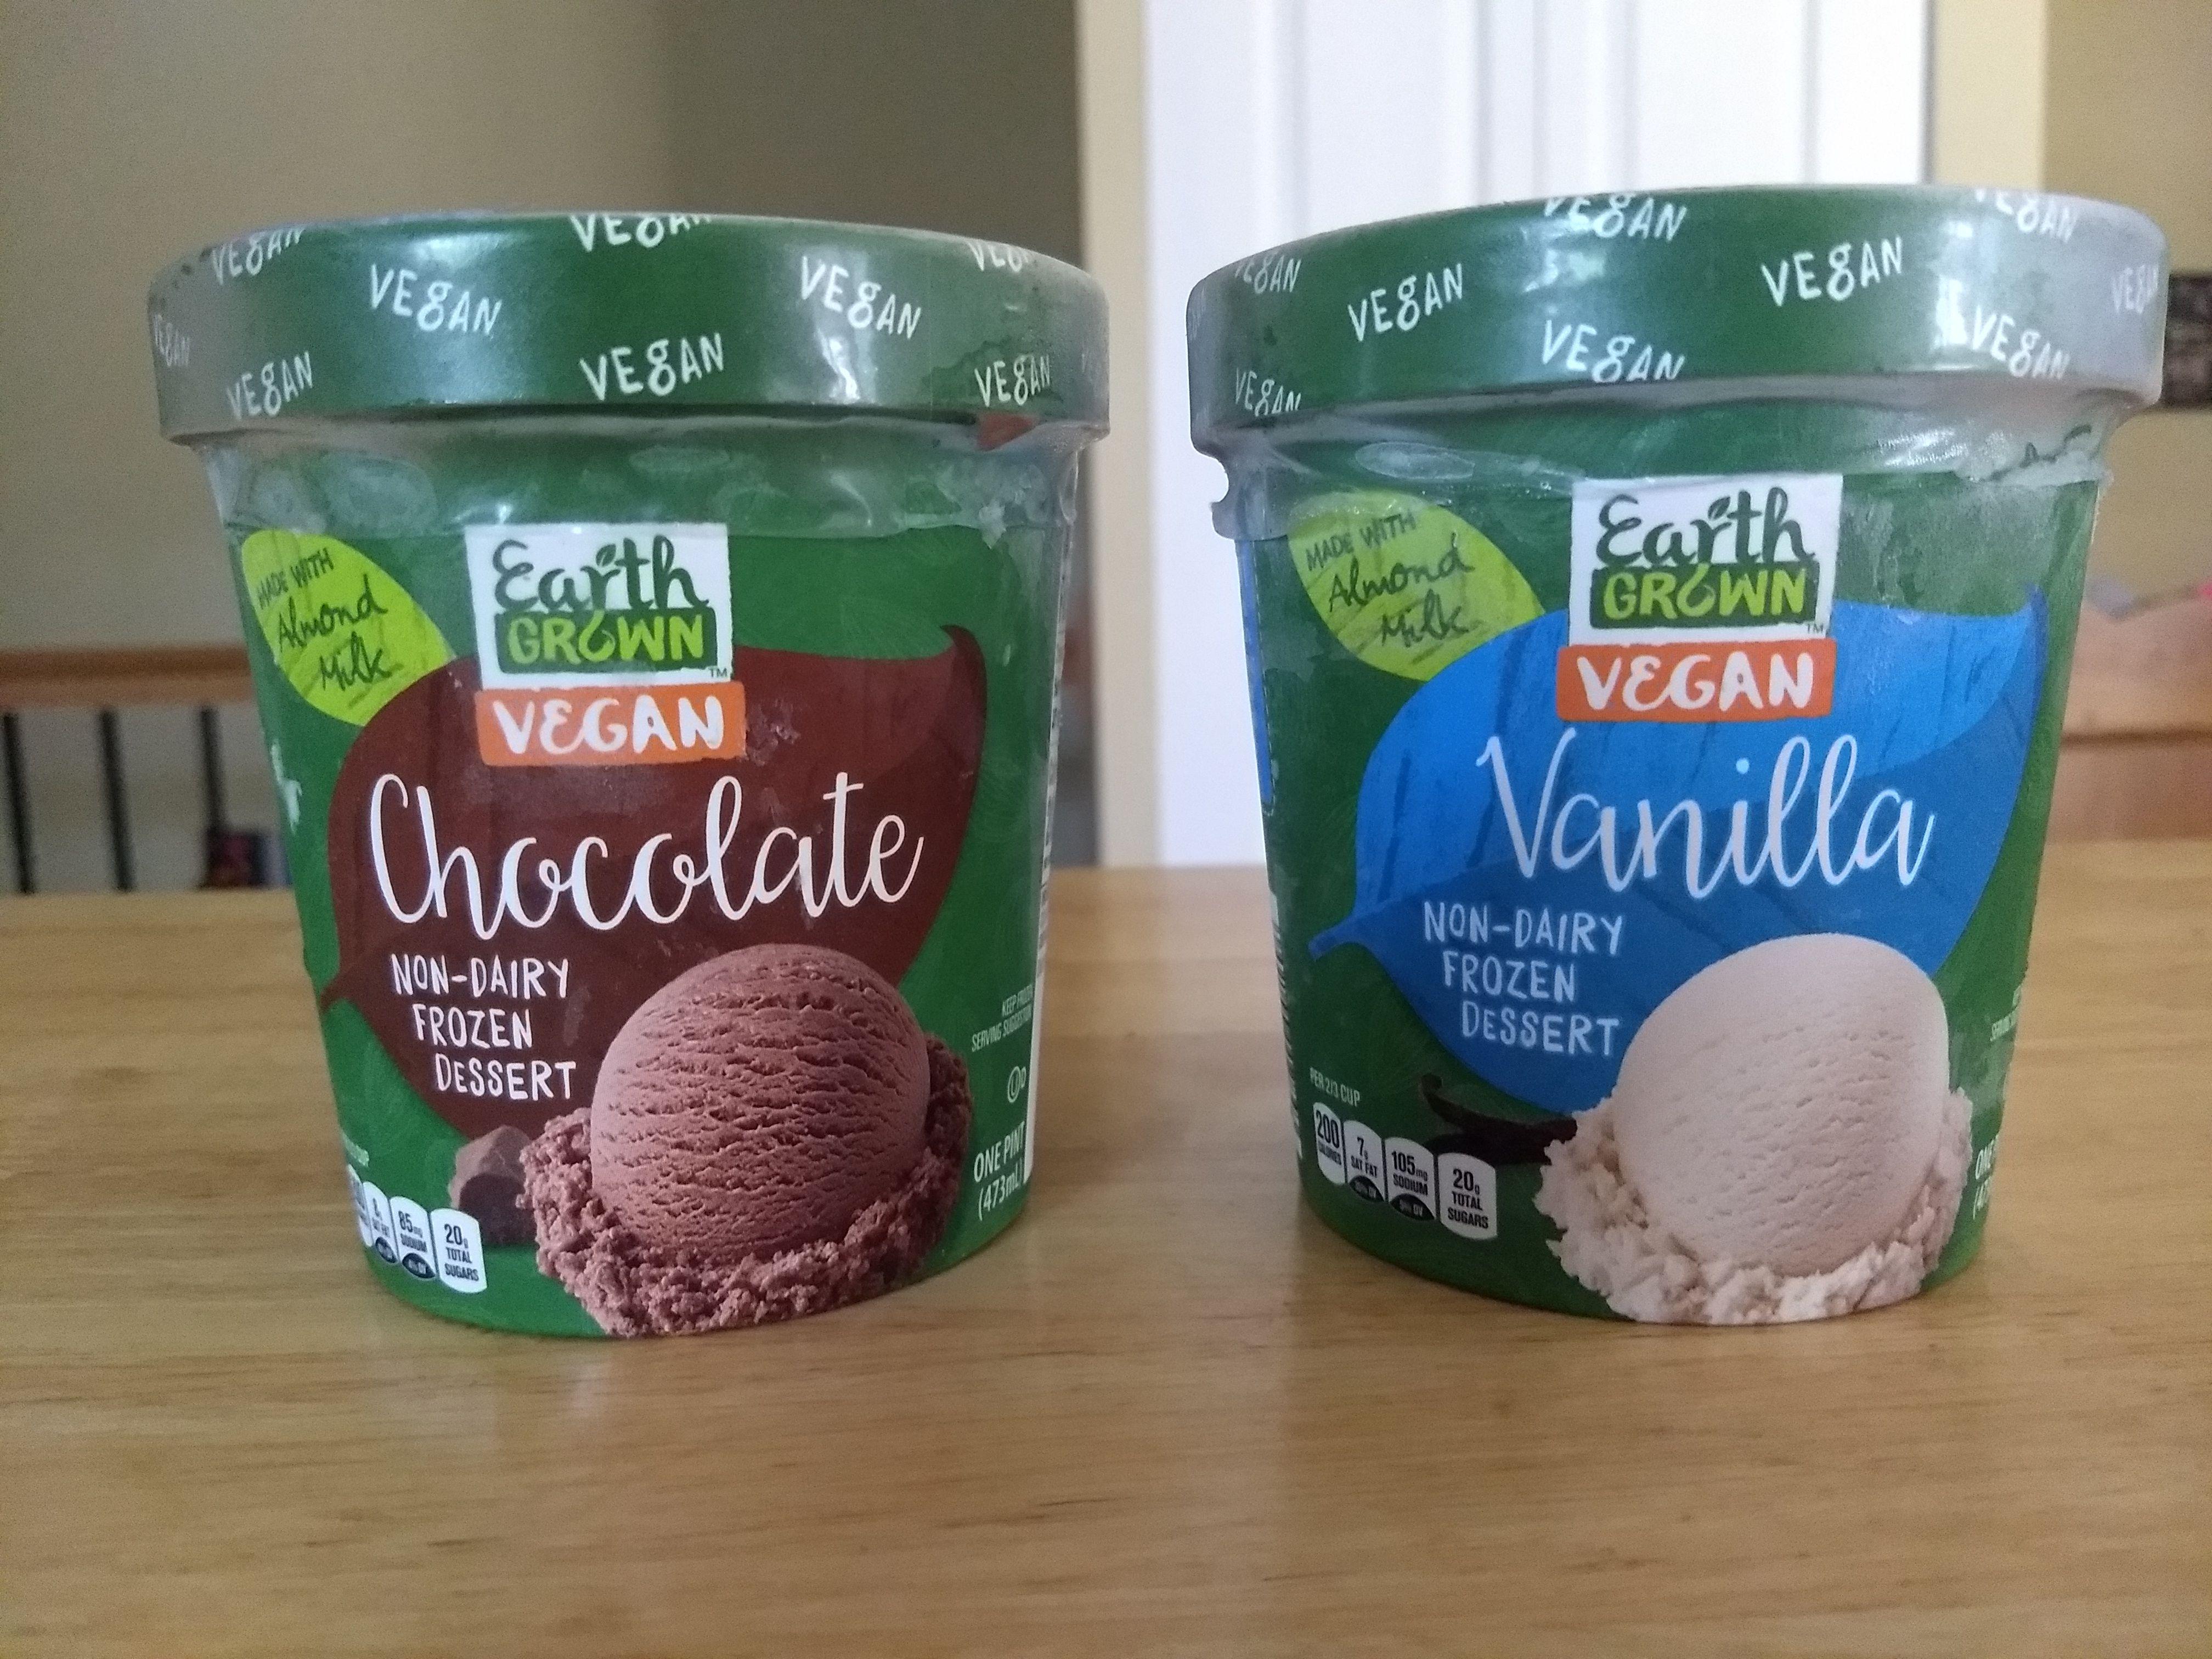 Earth Grown Vegan Non Dairy Frozen Dessert Almond Milk Frozen